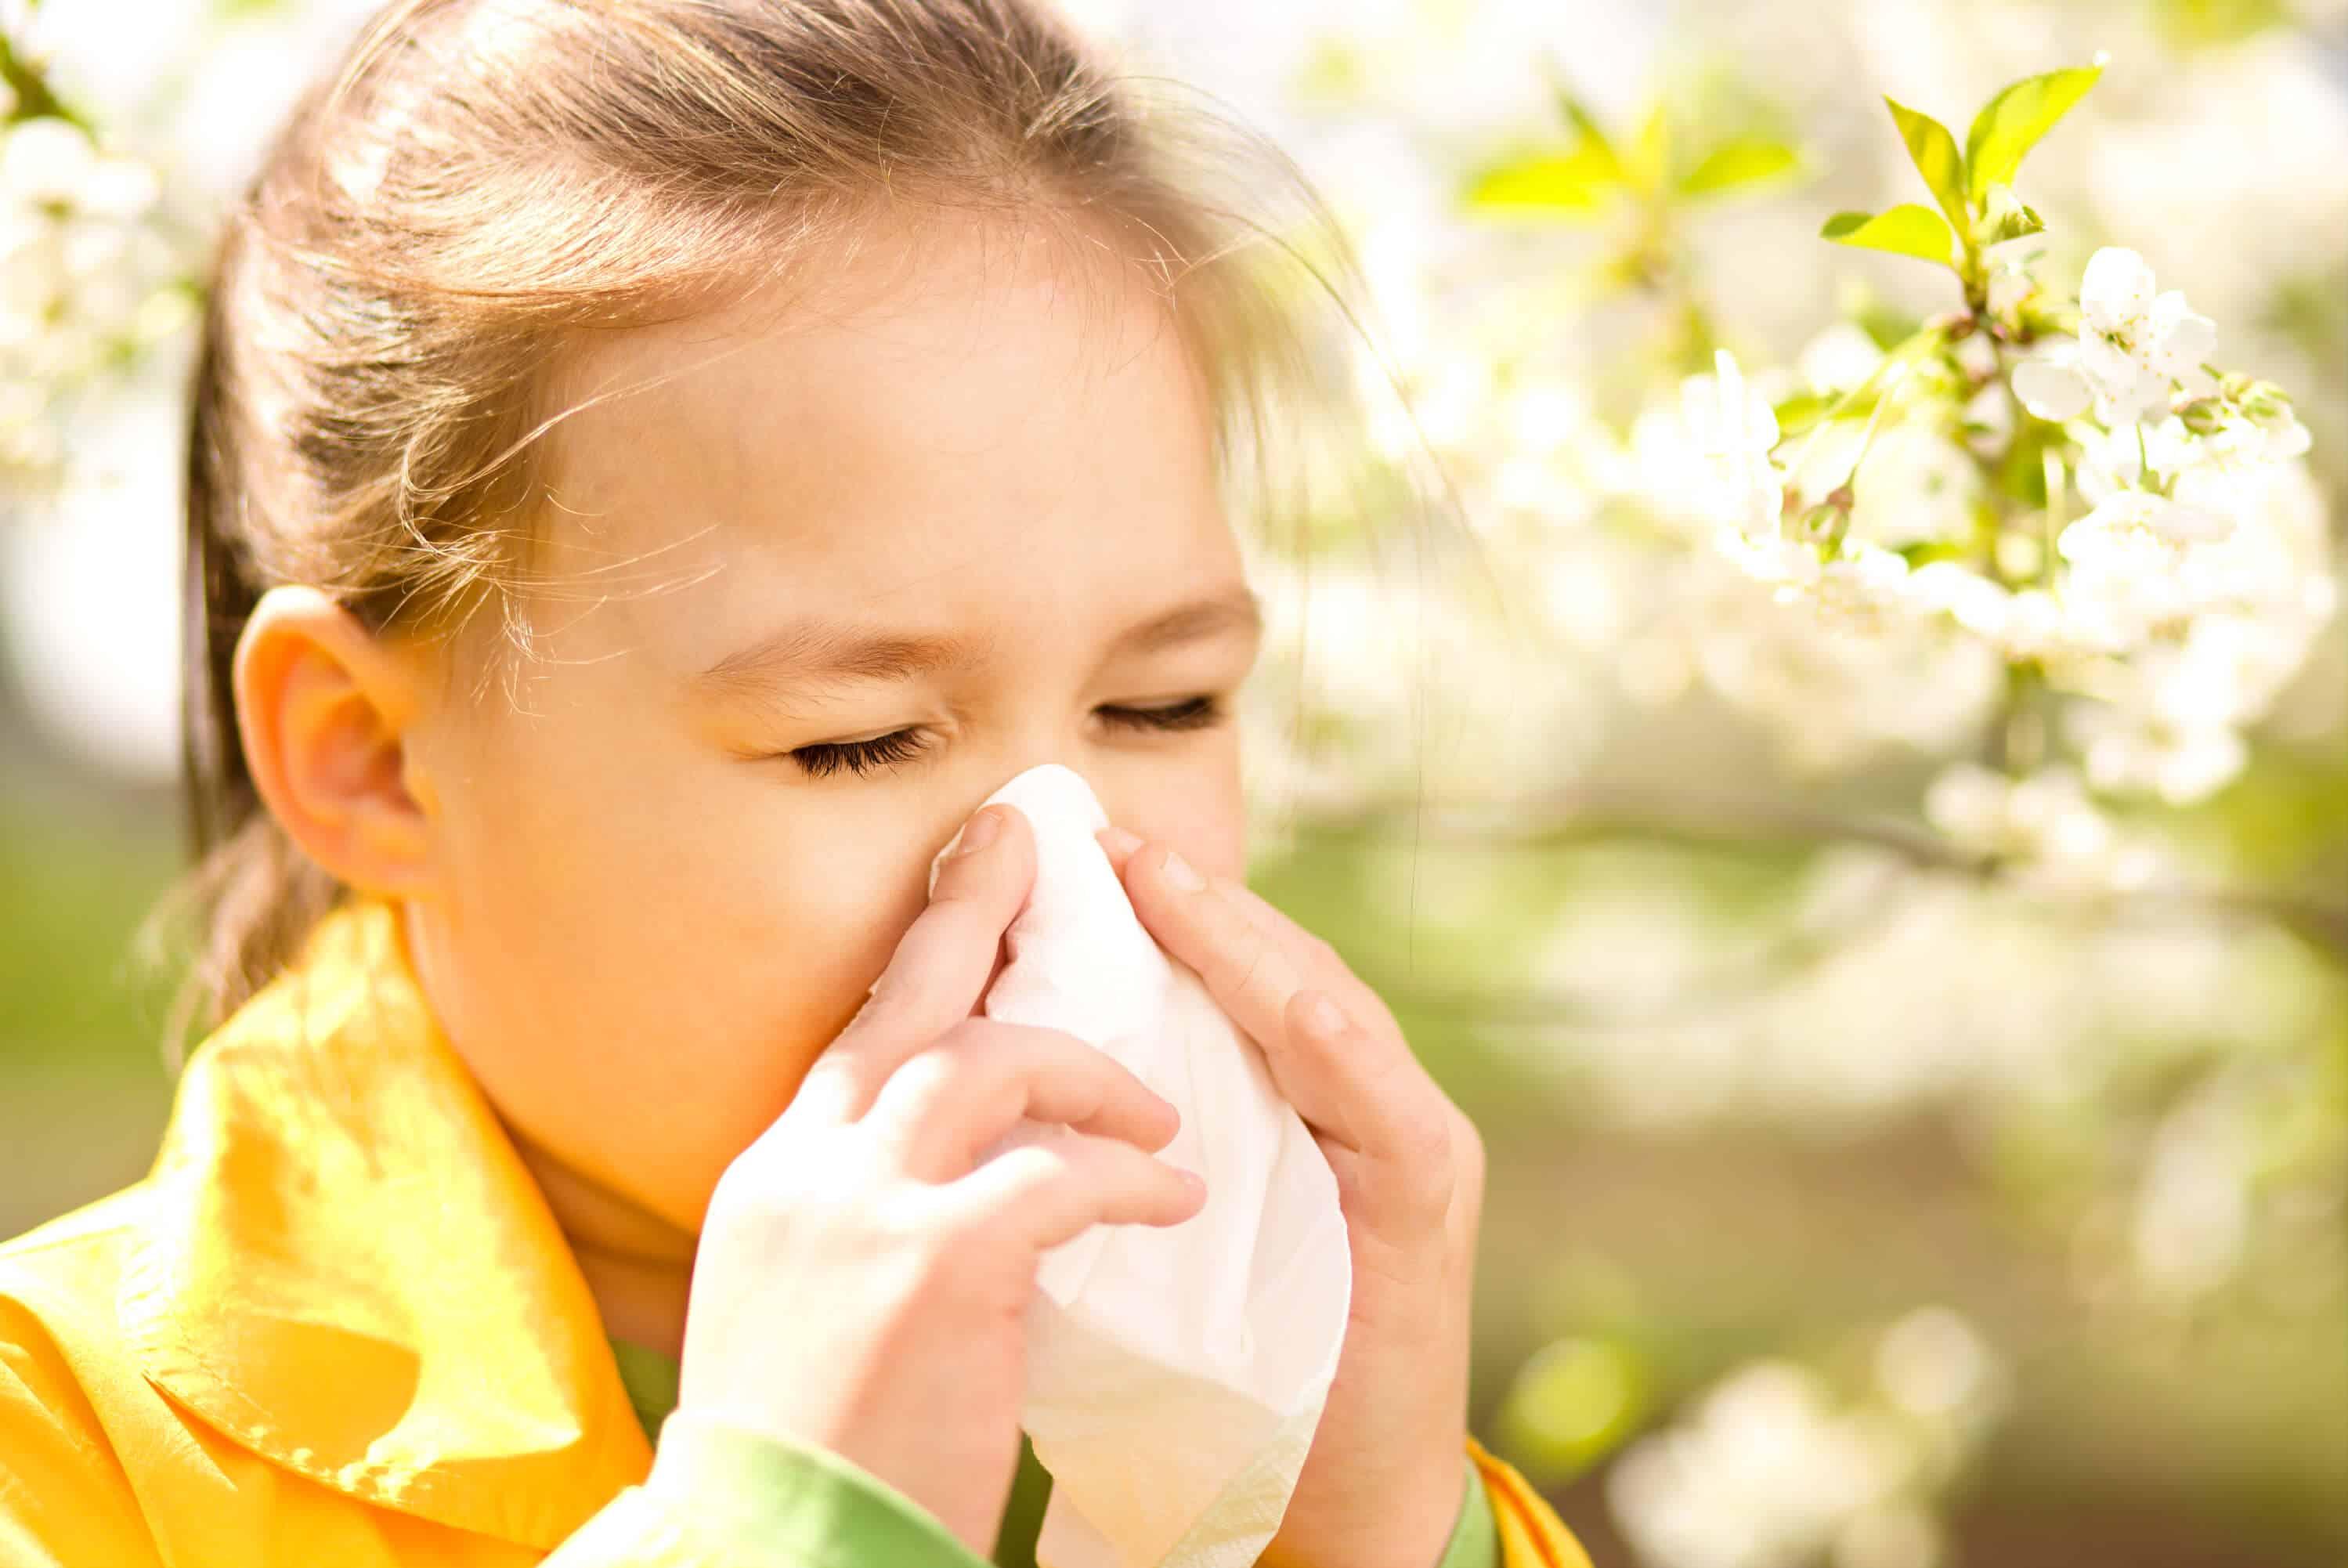 Аллергия на клещей домашней пыли: причины, симптомы и что делать